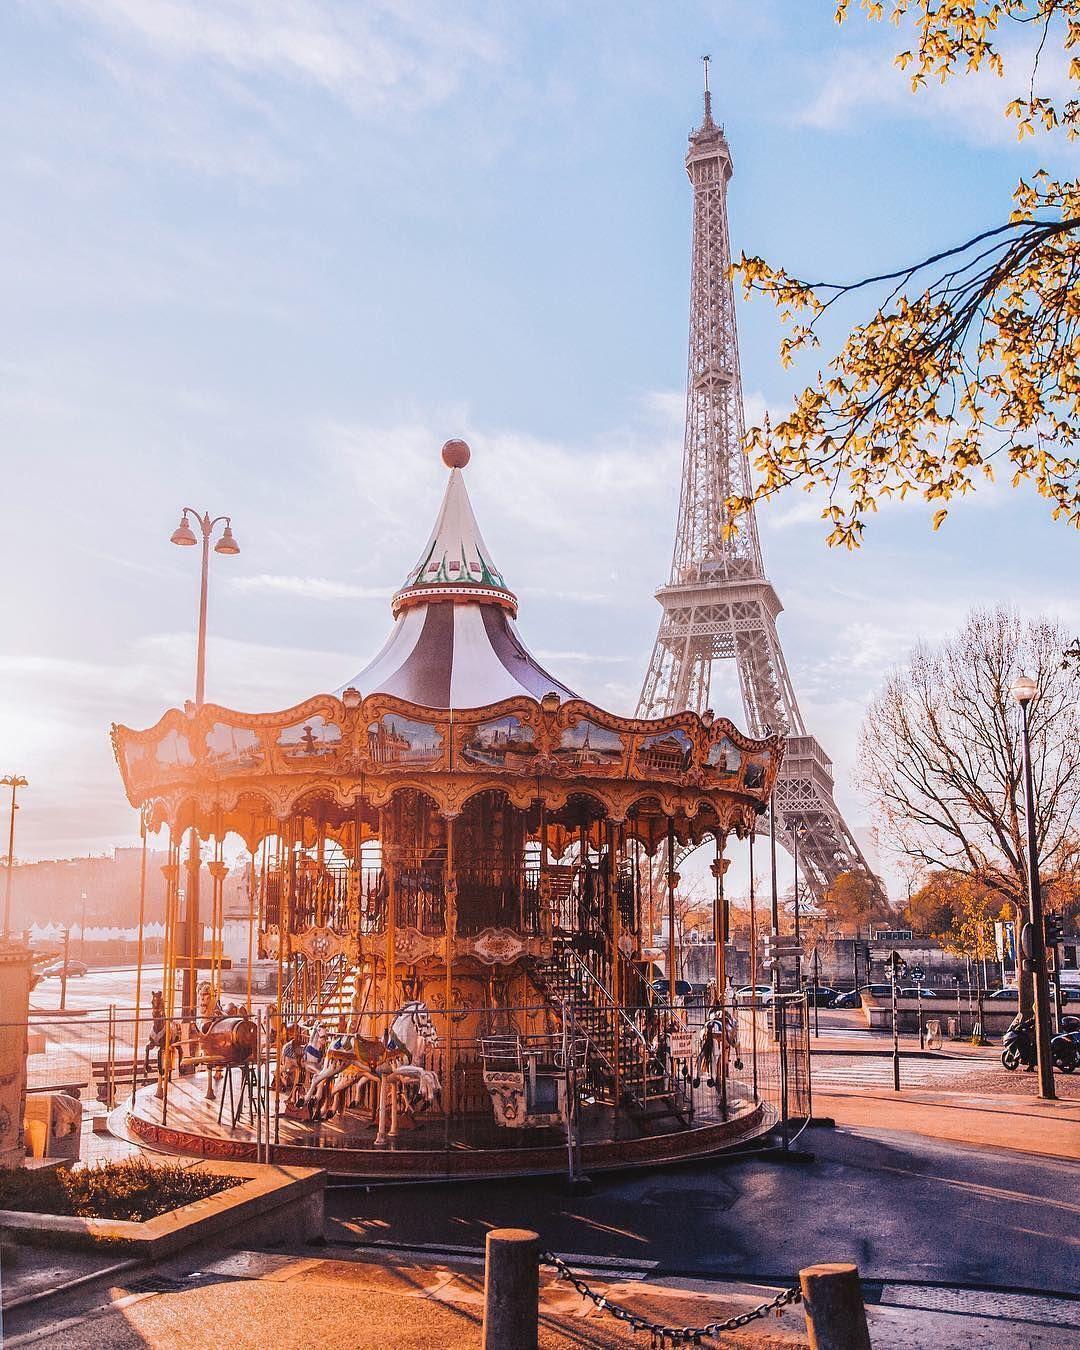 Fantastis 30 Gambar Mentahan Background Keren 15 Gambar Menara Eiffel Yang Keren Ini Bisa Kamu Gunakan Dow Background Wallpaper Backgrounds Paris Wallpaper